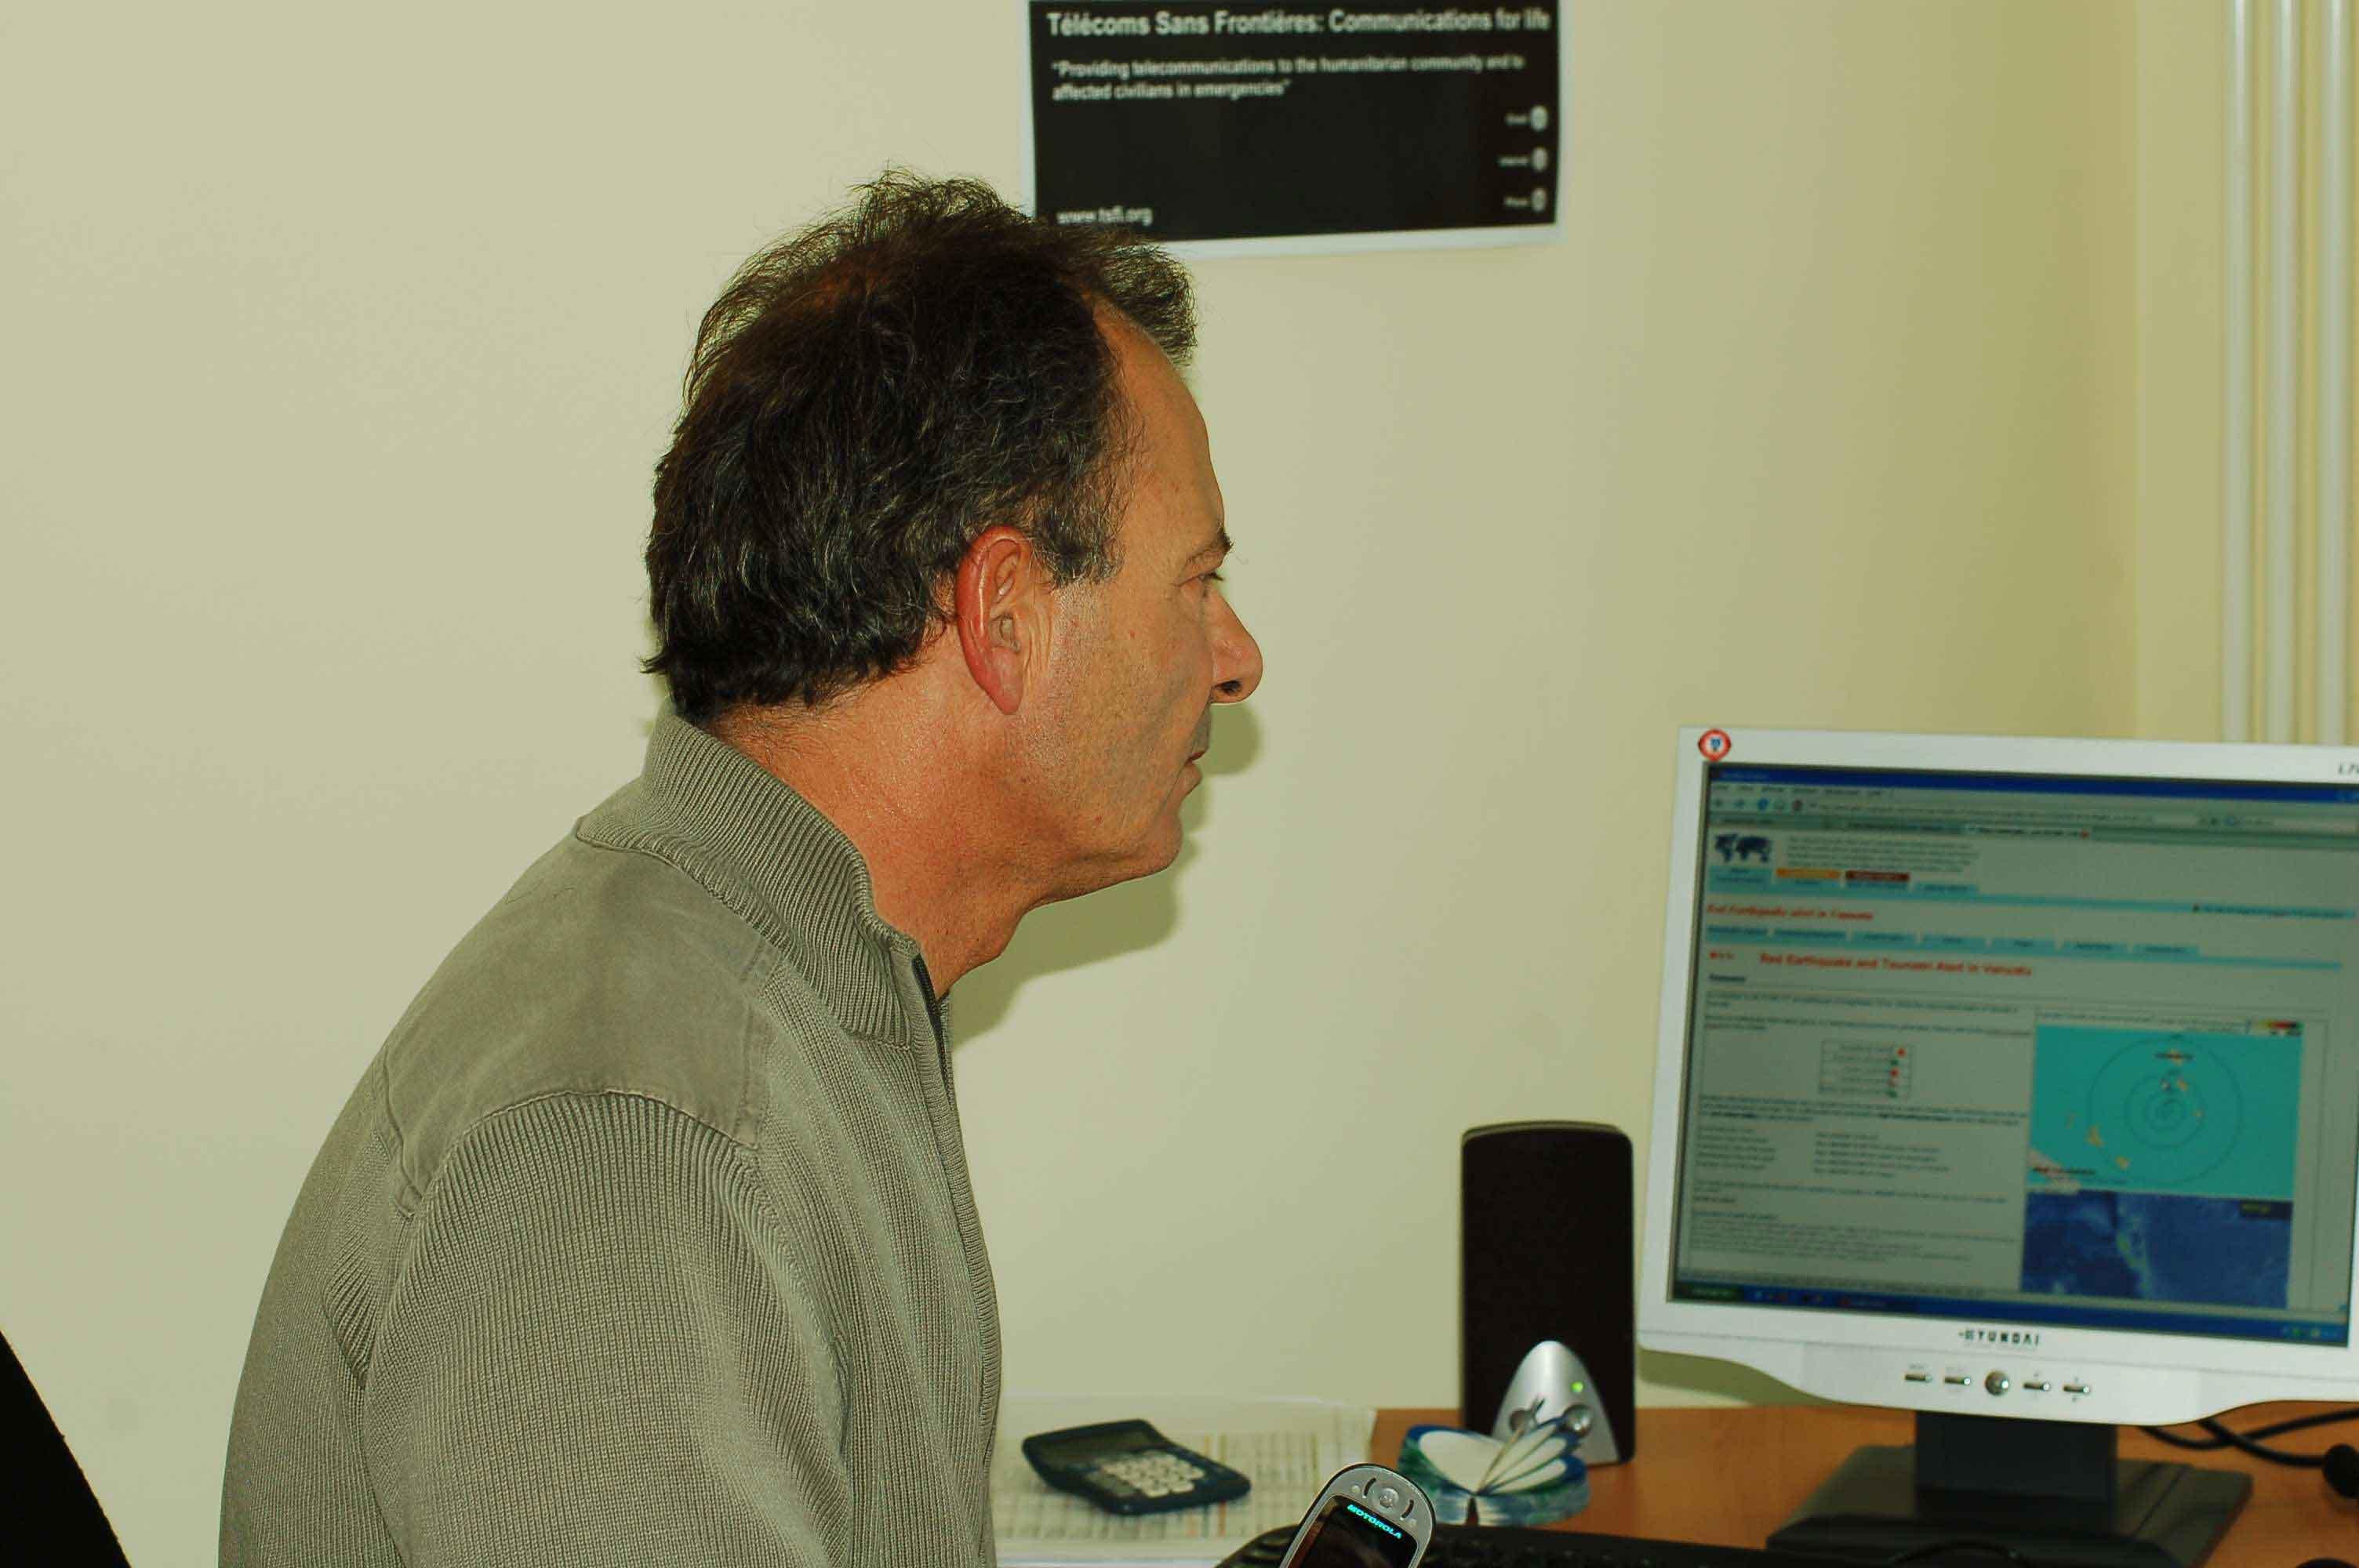 Jean_Francois_checks_web2.JPG